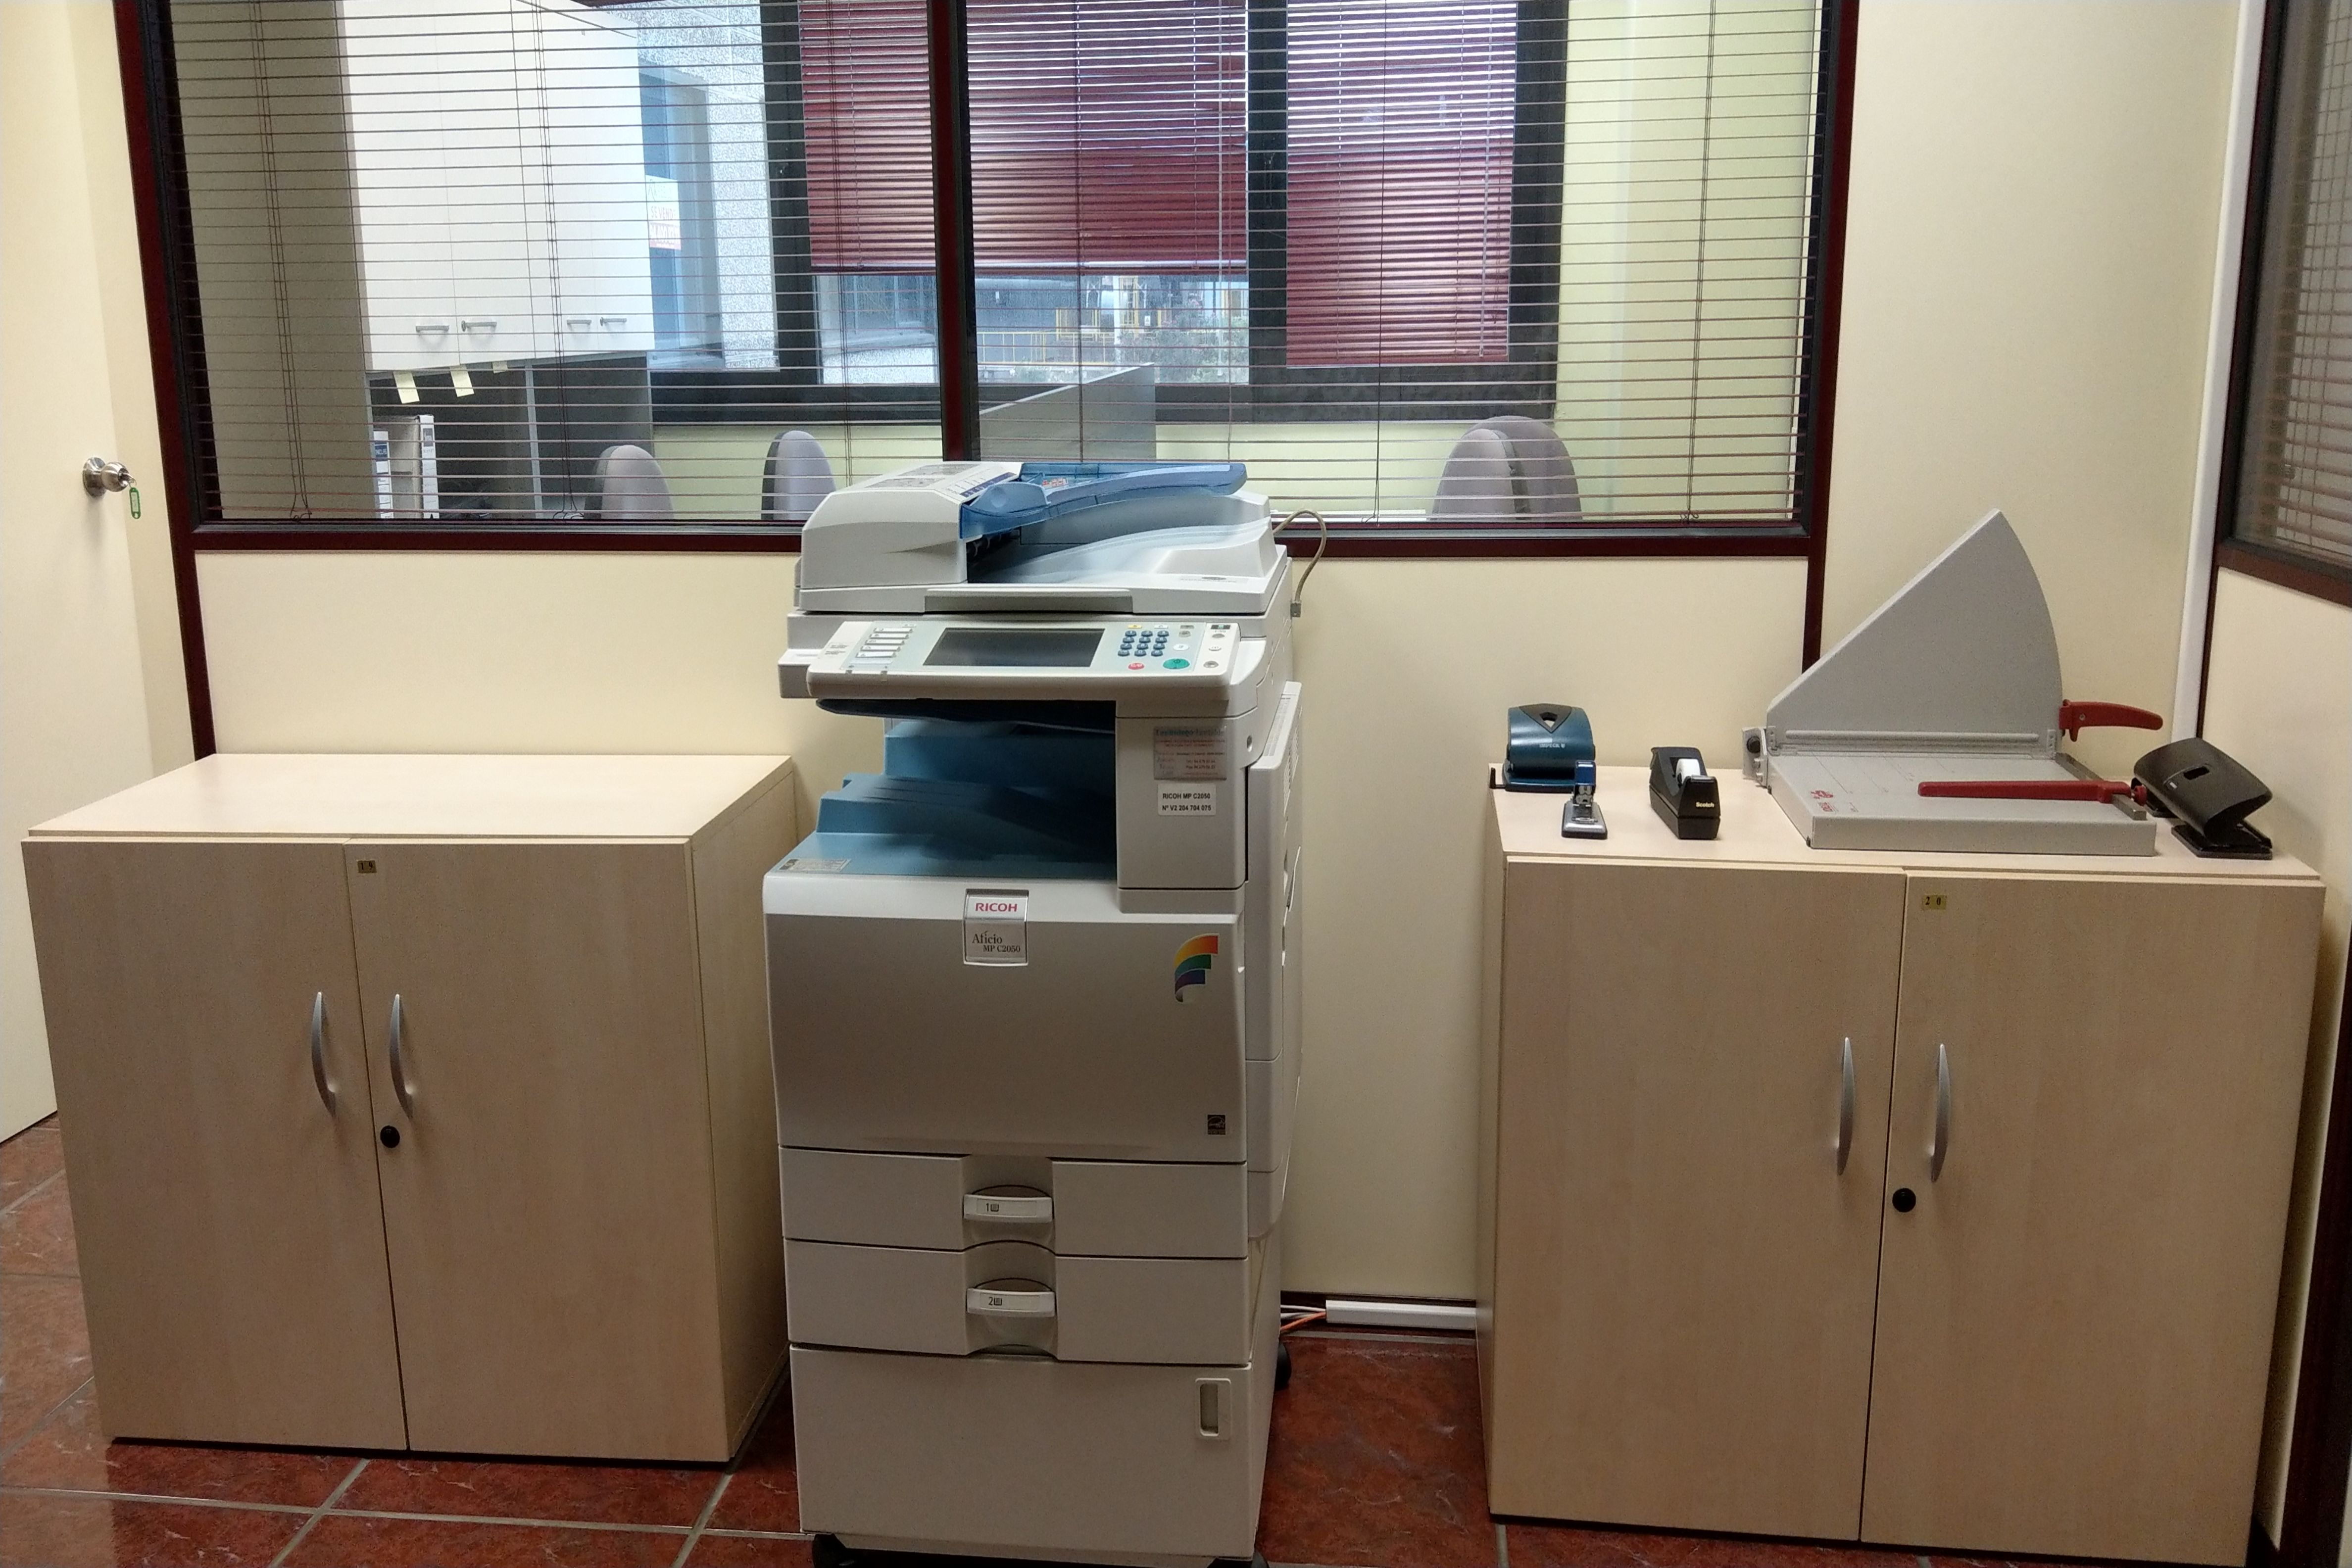 impresora multifunción del coworking